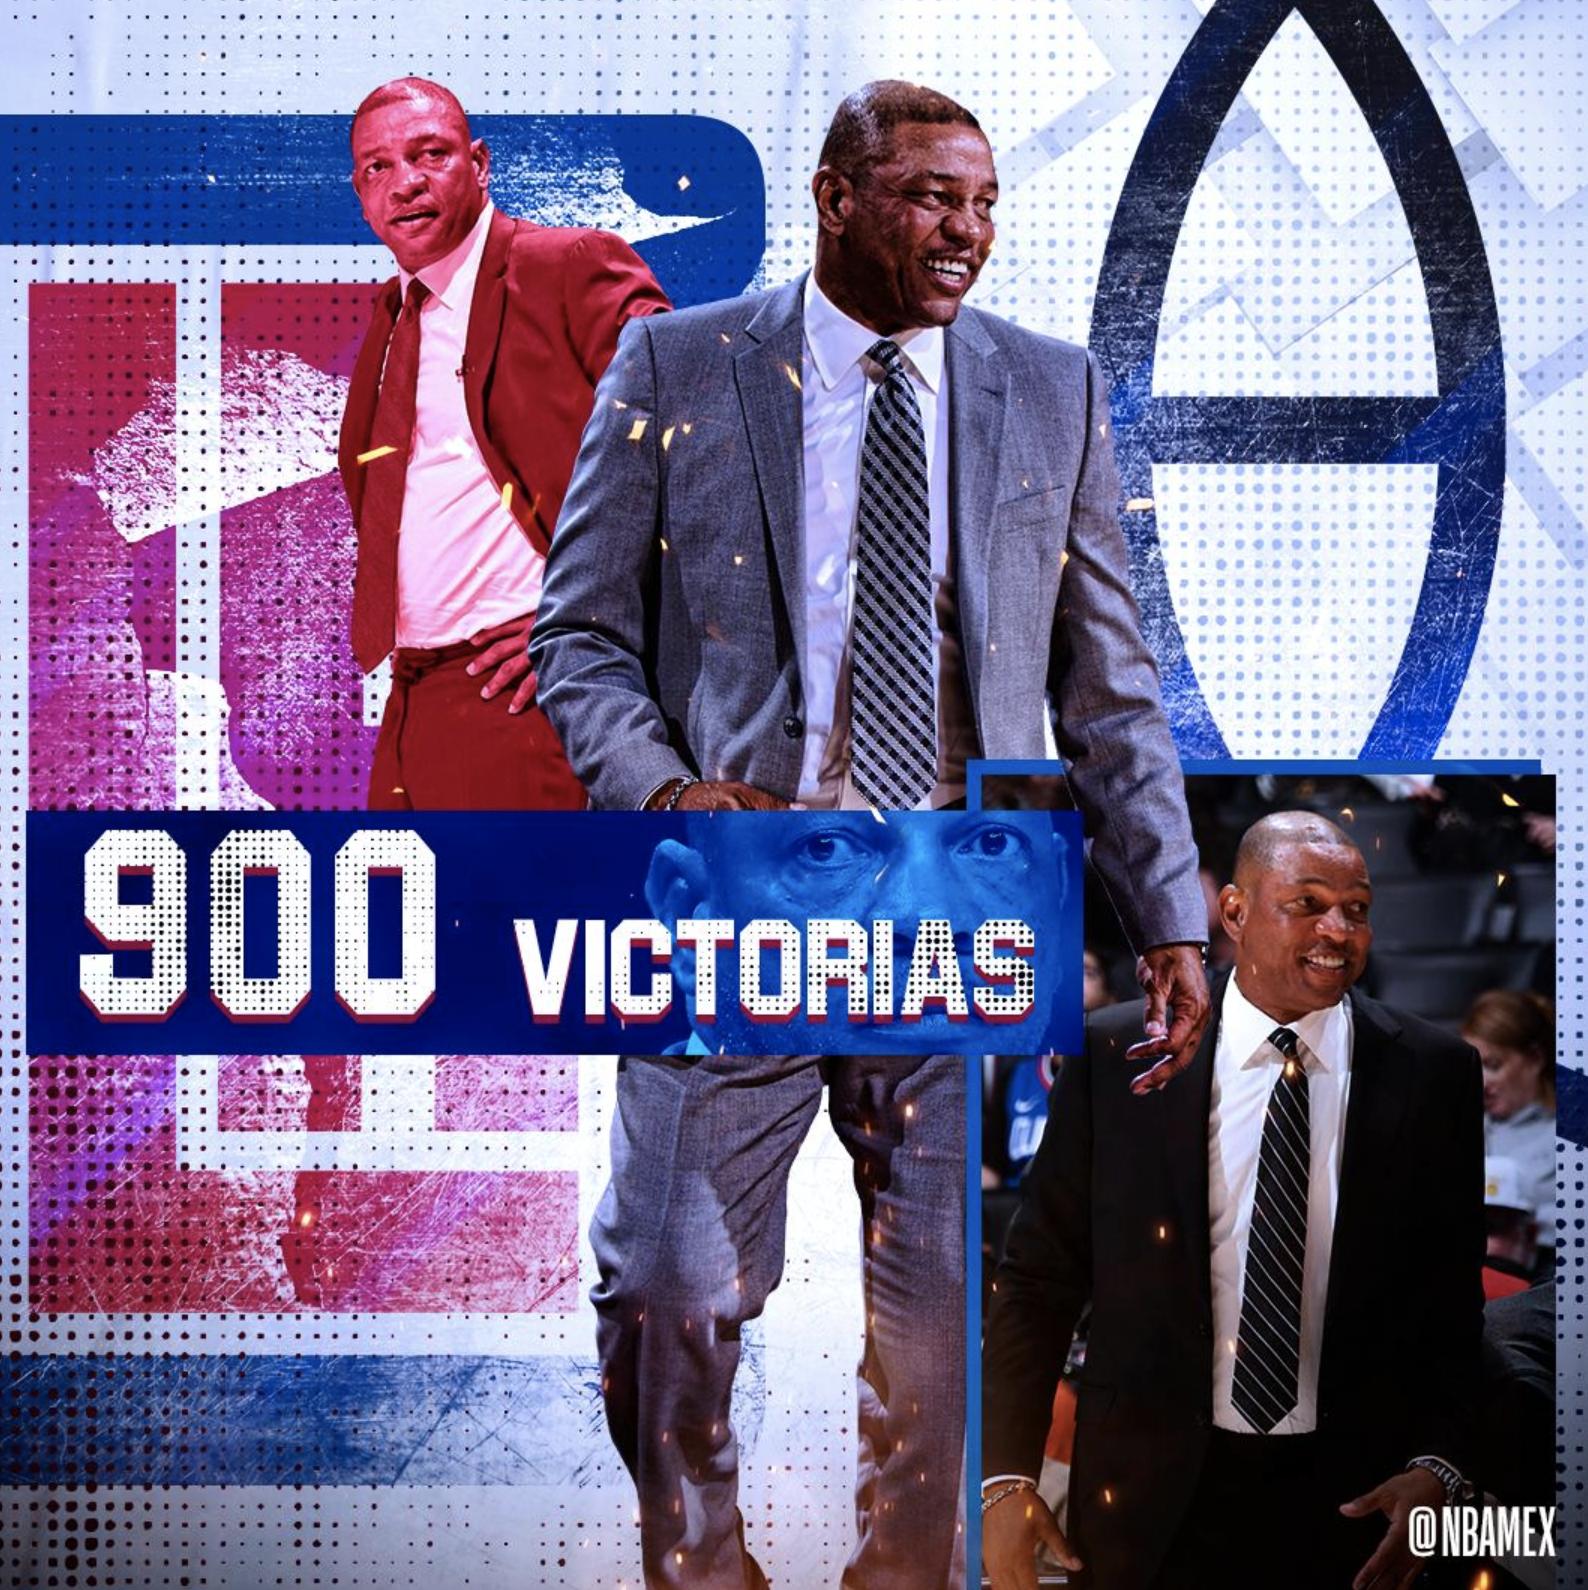 里弗斯成为历史第13位执教胜场数达到900场的主教练